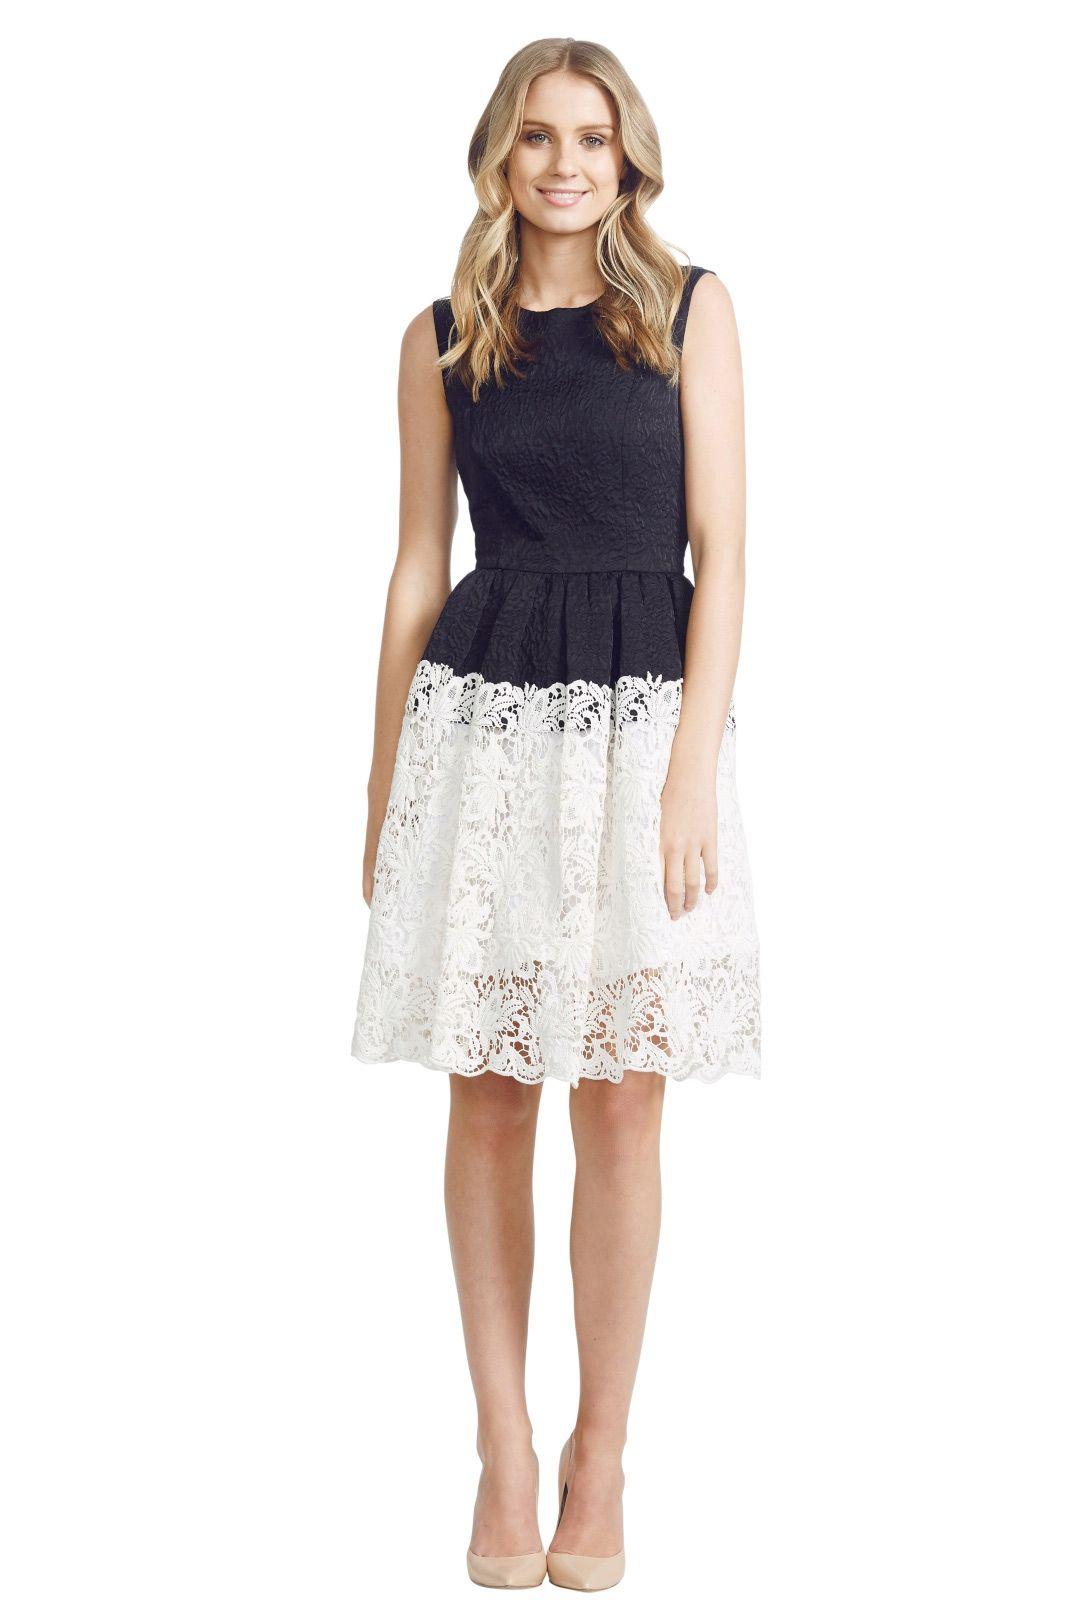 Nicola Finetti - Paris Lace Dress - Black and White - Front